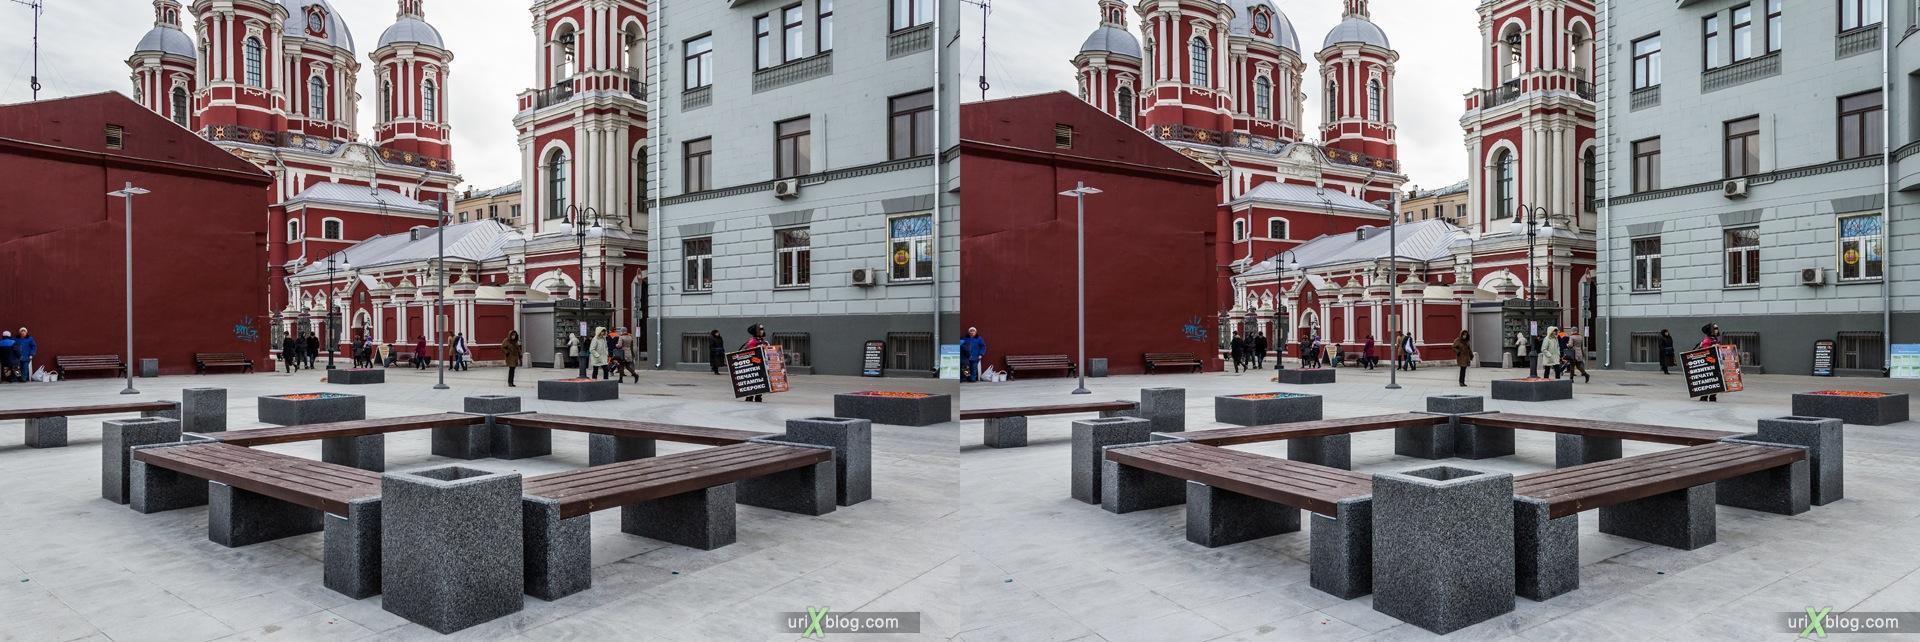 2013, Москва, Россия, Третьяковская, метро, площадь, церковь, новые пешеходные зоны, осень, 3D, перекрёстная стереопара, стерео, стереопара